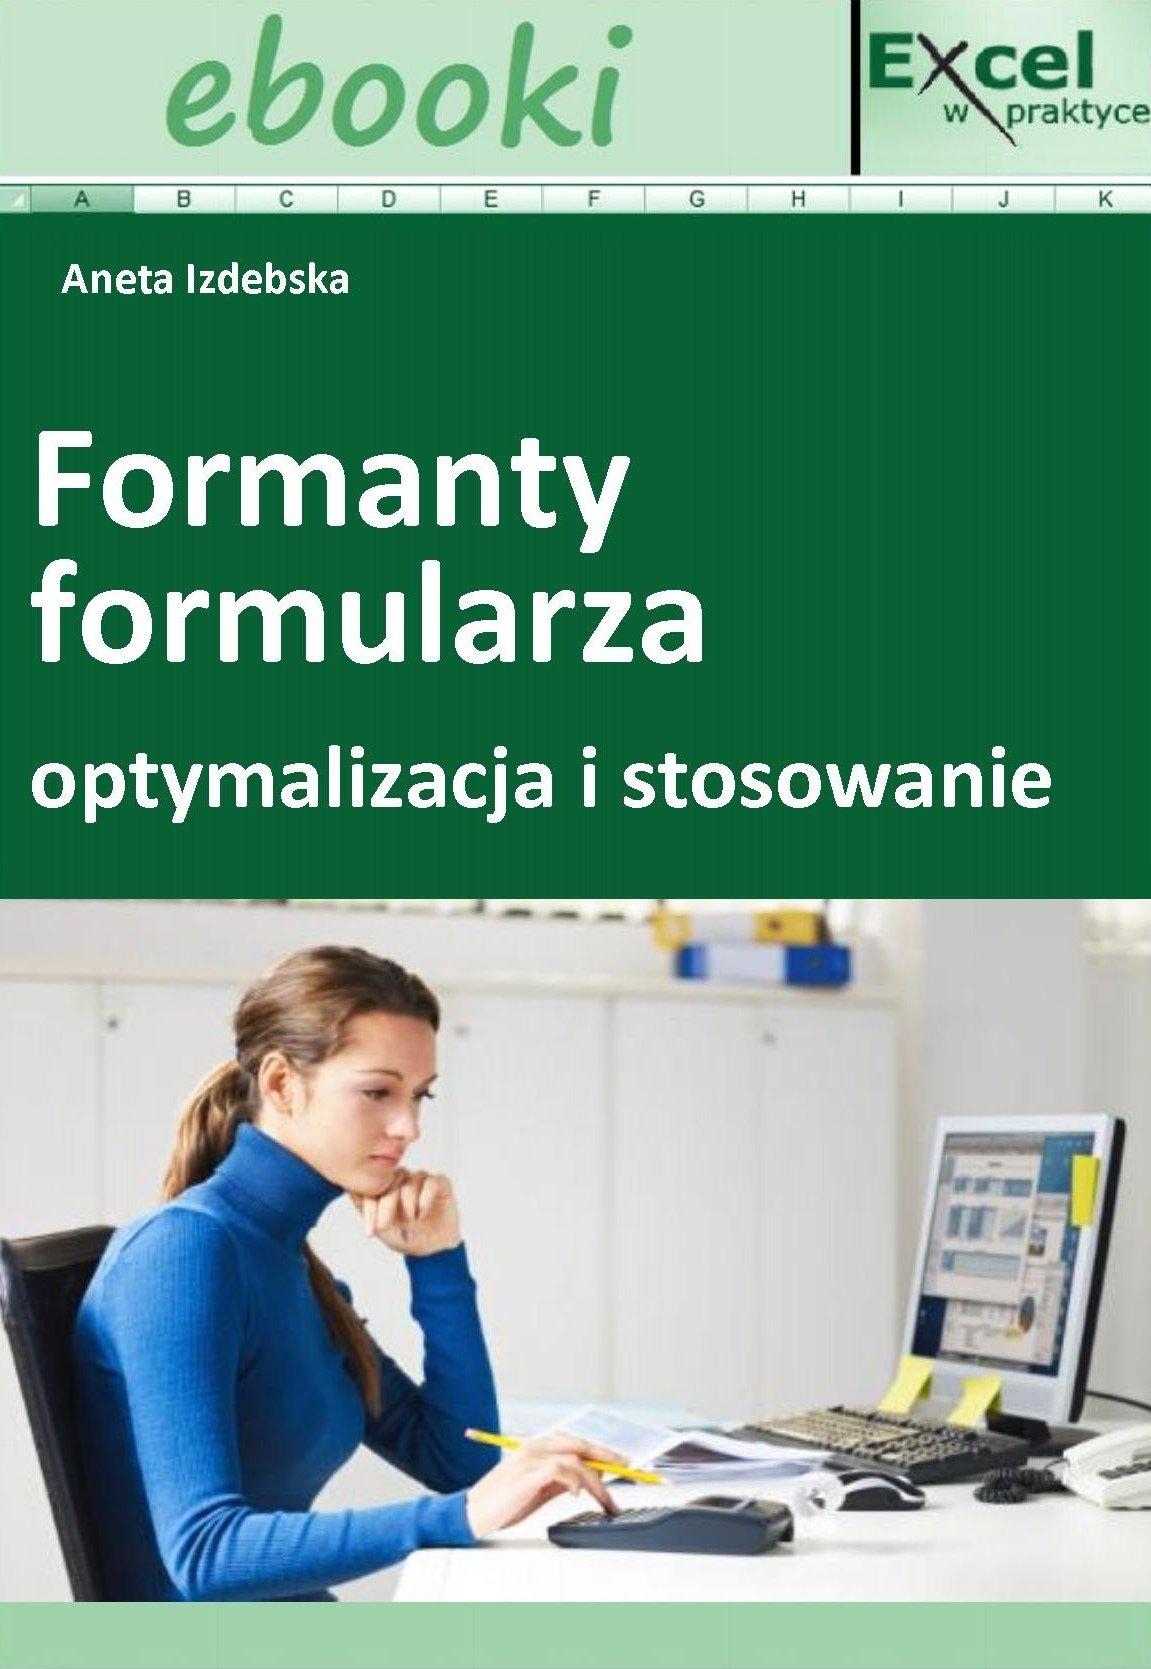 Formanty formularza - optymalizacja i stosowanie - Ebook (Książka PDF) do pobrania w formacie PDF